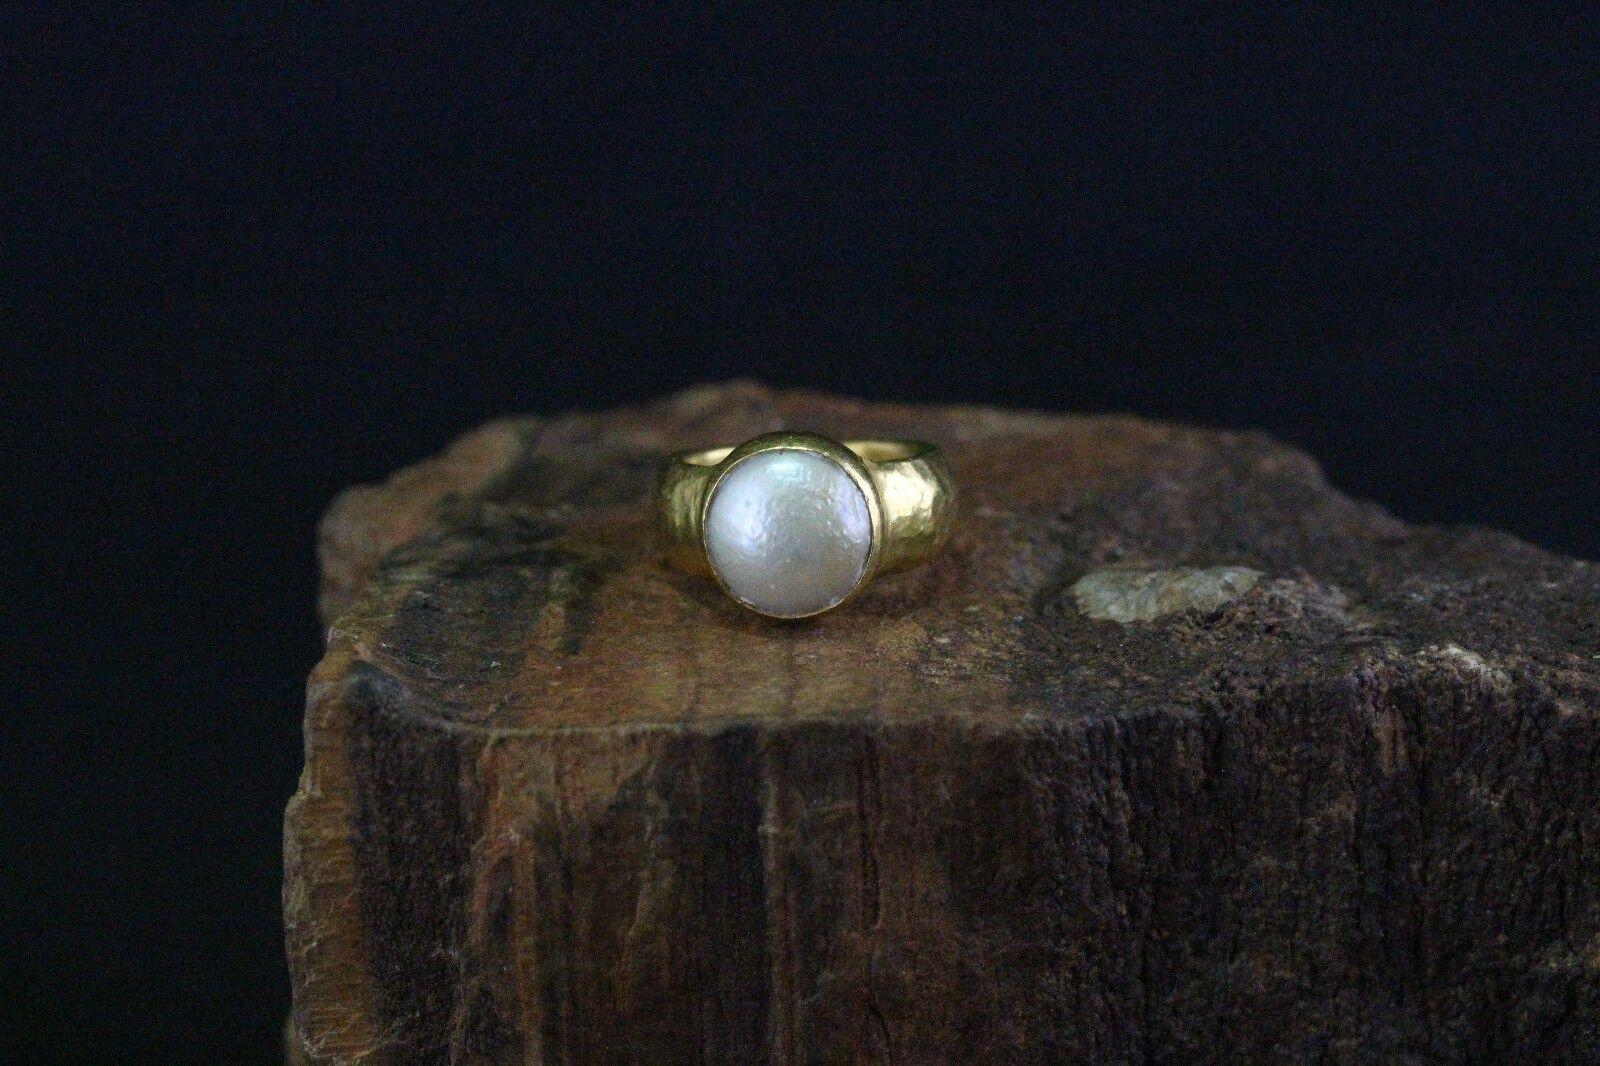 RING RING RING 24k giallo con una piccola perla occupato 7d3d18